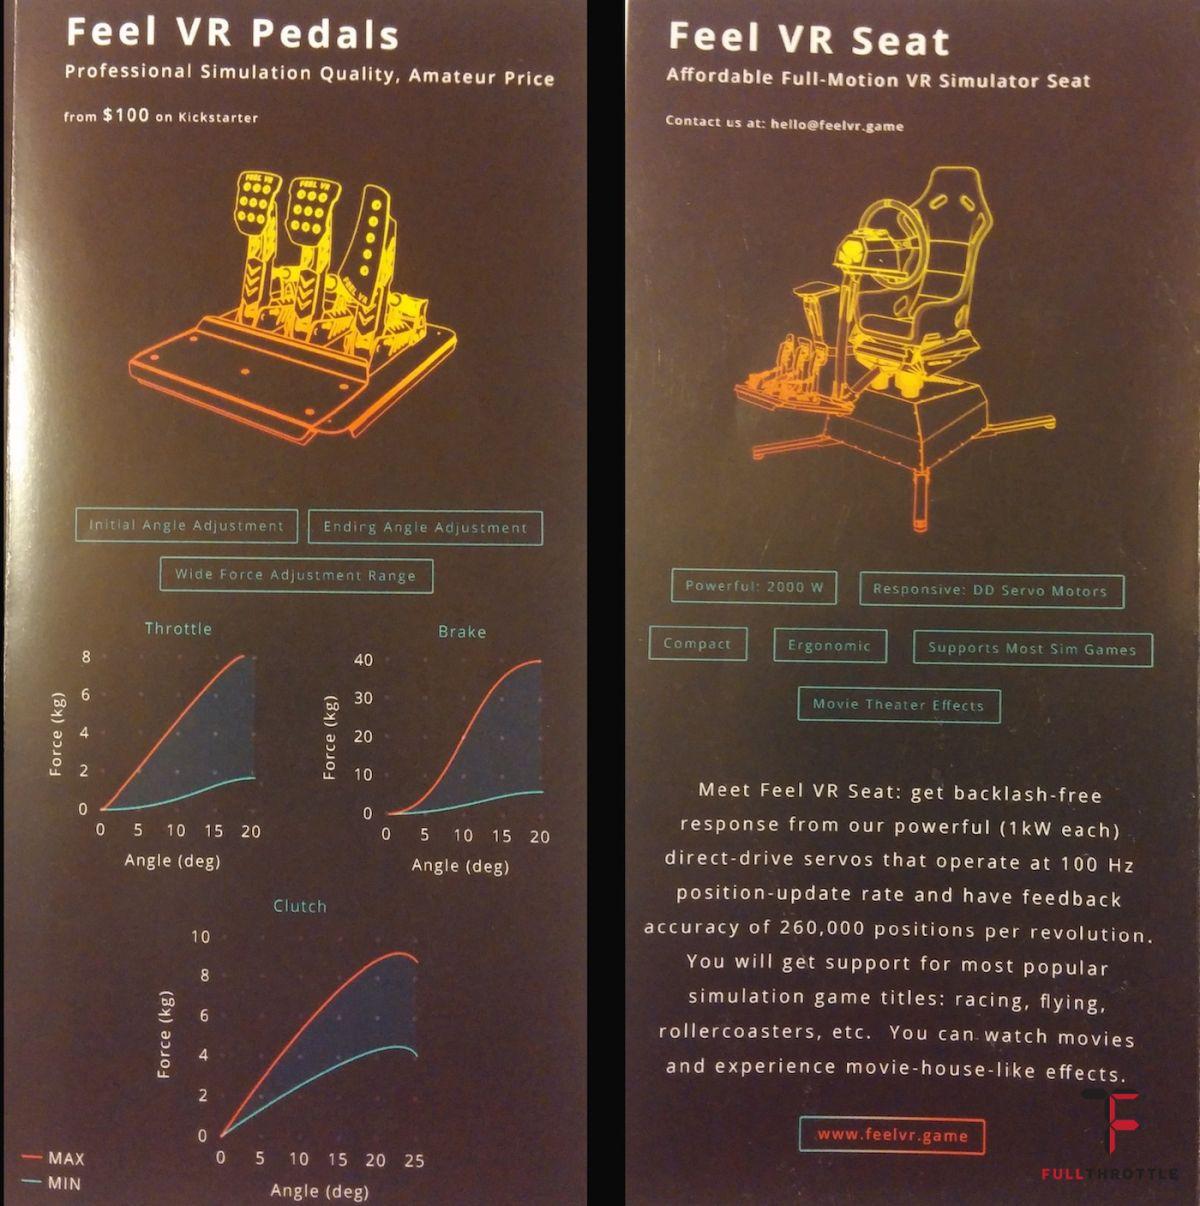 Specyfikacja pedałów i niedostepnego w przedsprzedaży fotlea. Zdjęcia ulotki dzięki irg-world.com